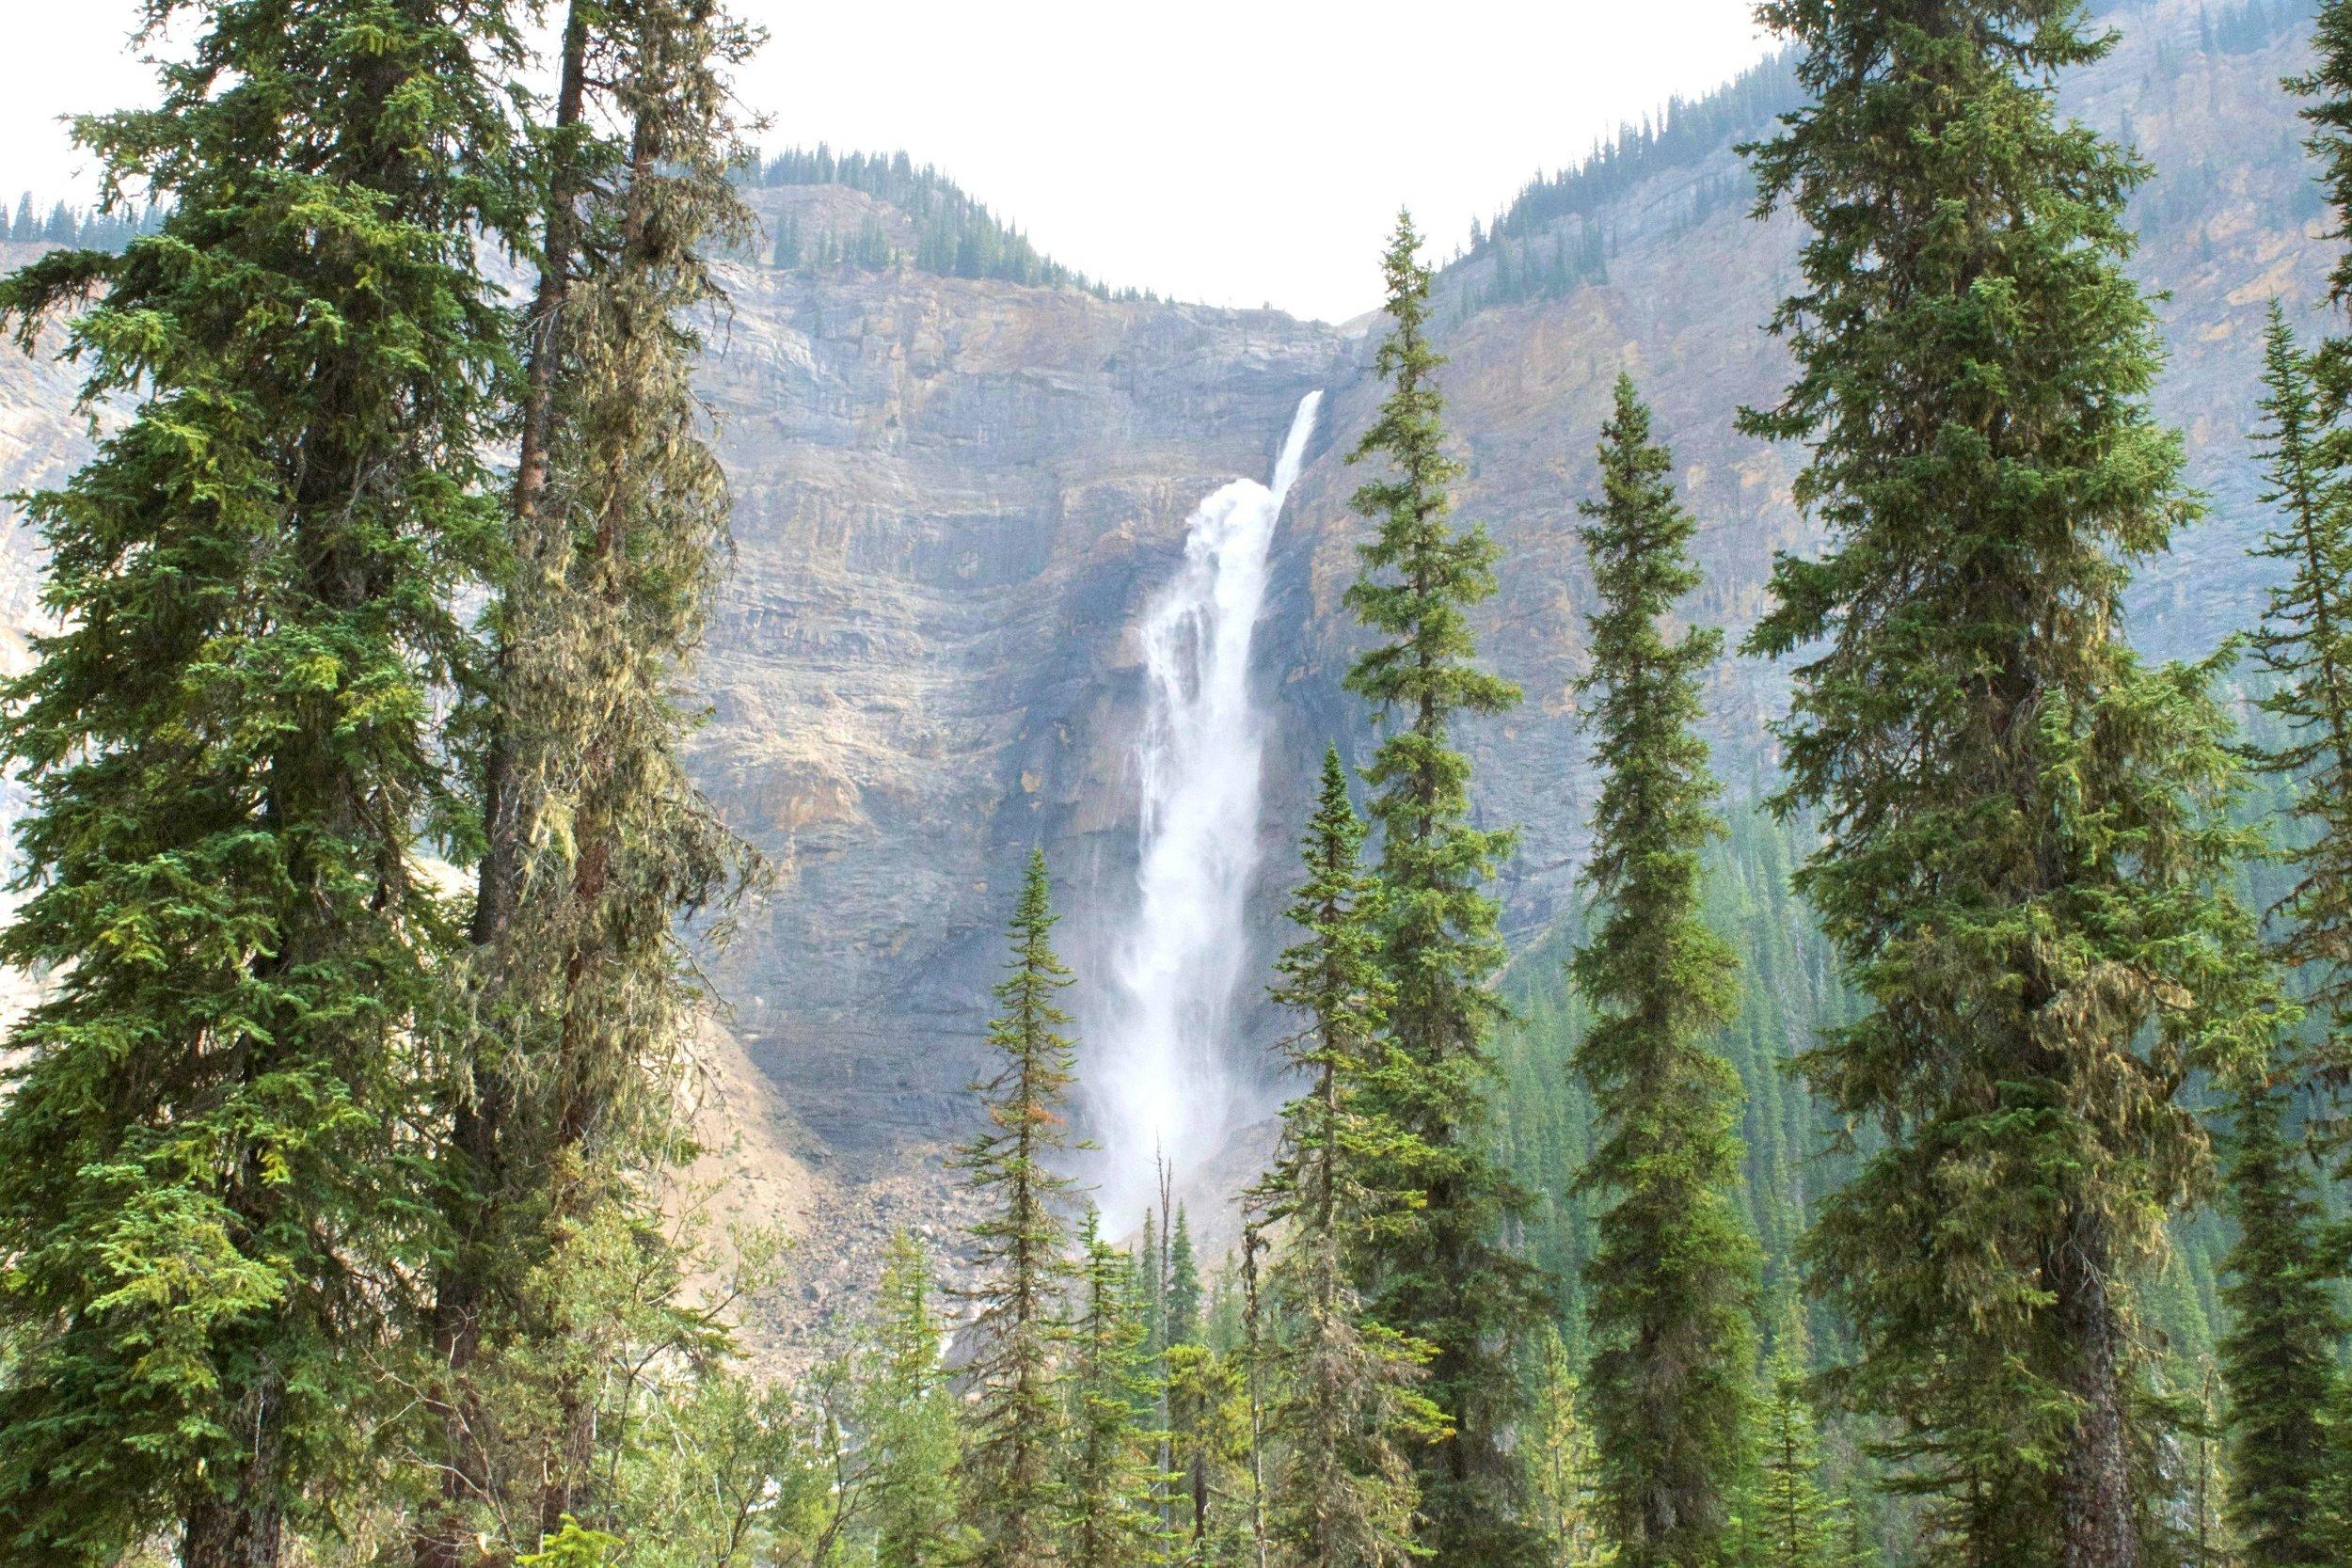 You start off by hiking past Takakkaw Falls